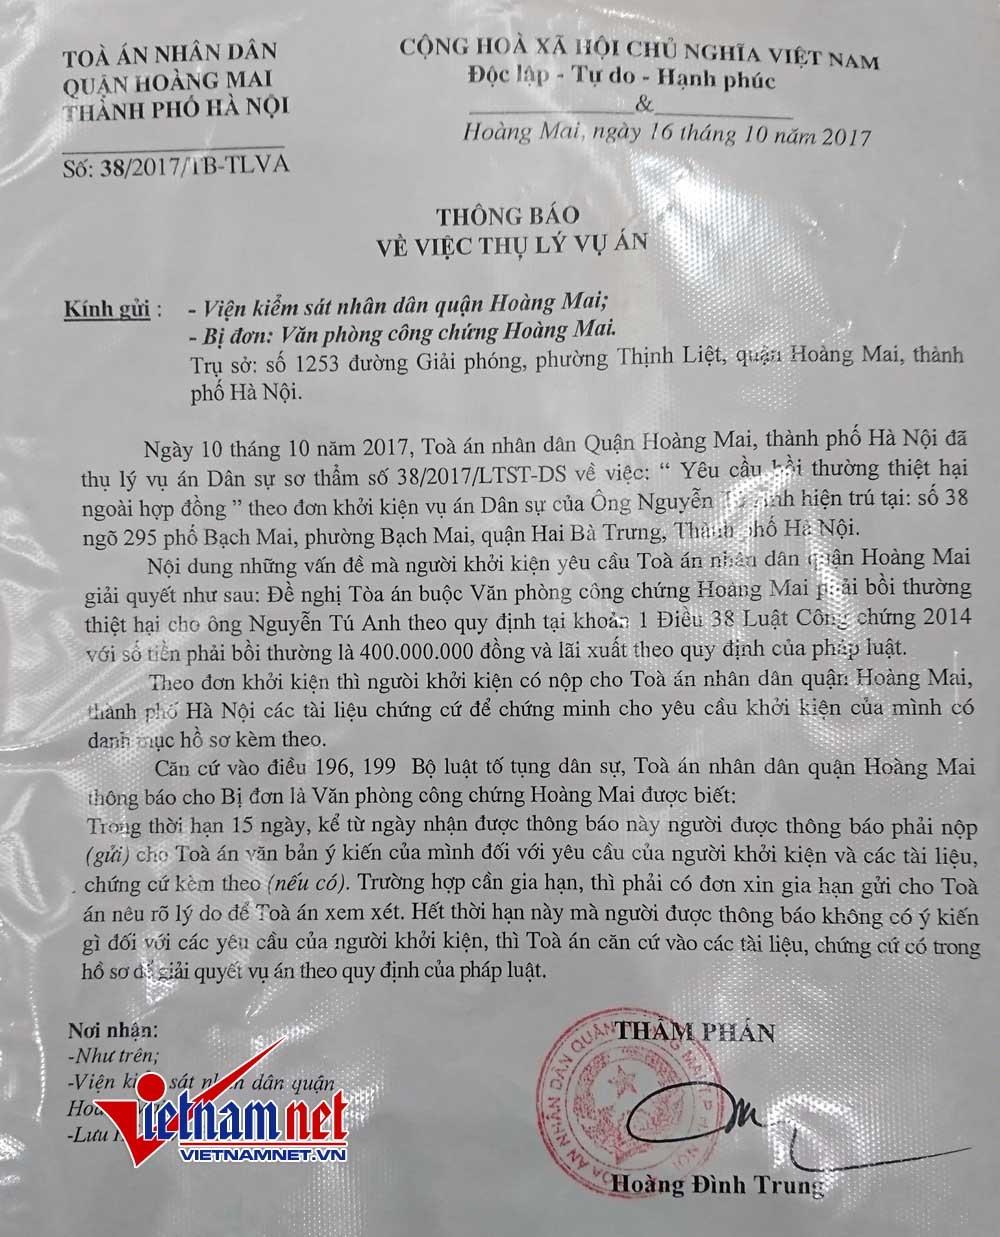 Hà Nội,công chứng,lừa đảo